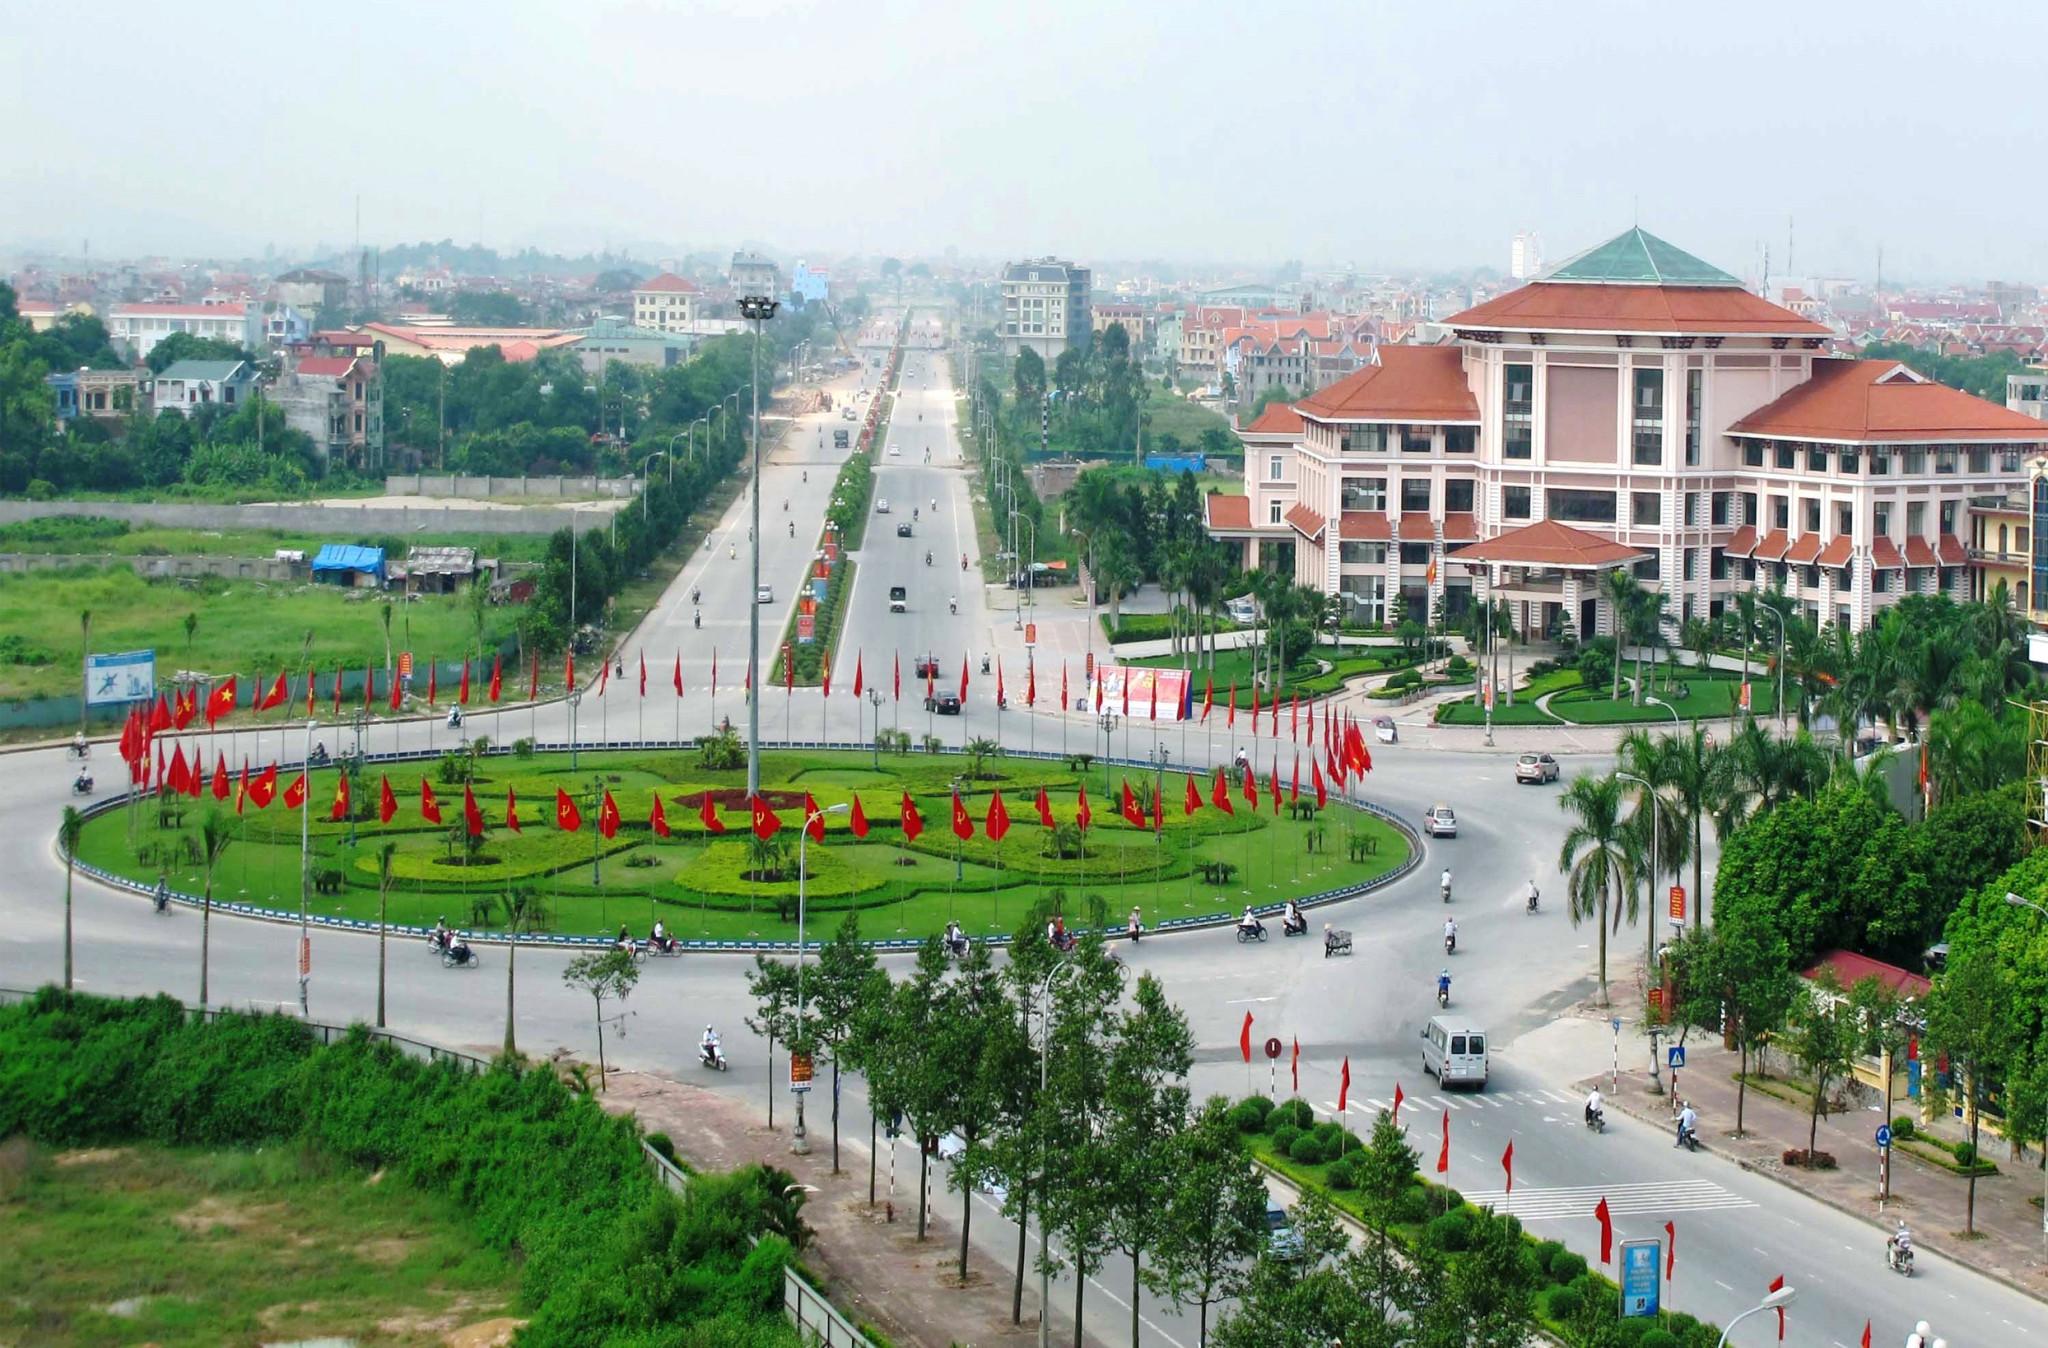 Cho thuê xe tải chuyển hàng Hà Nội Bắc Ninh